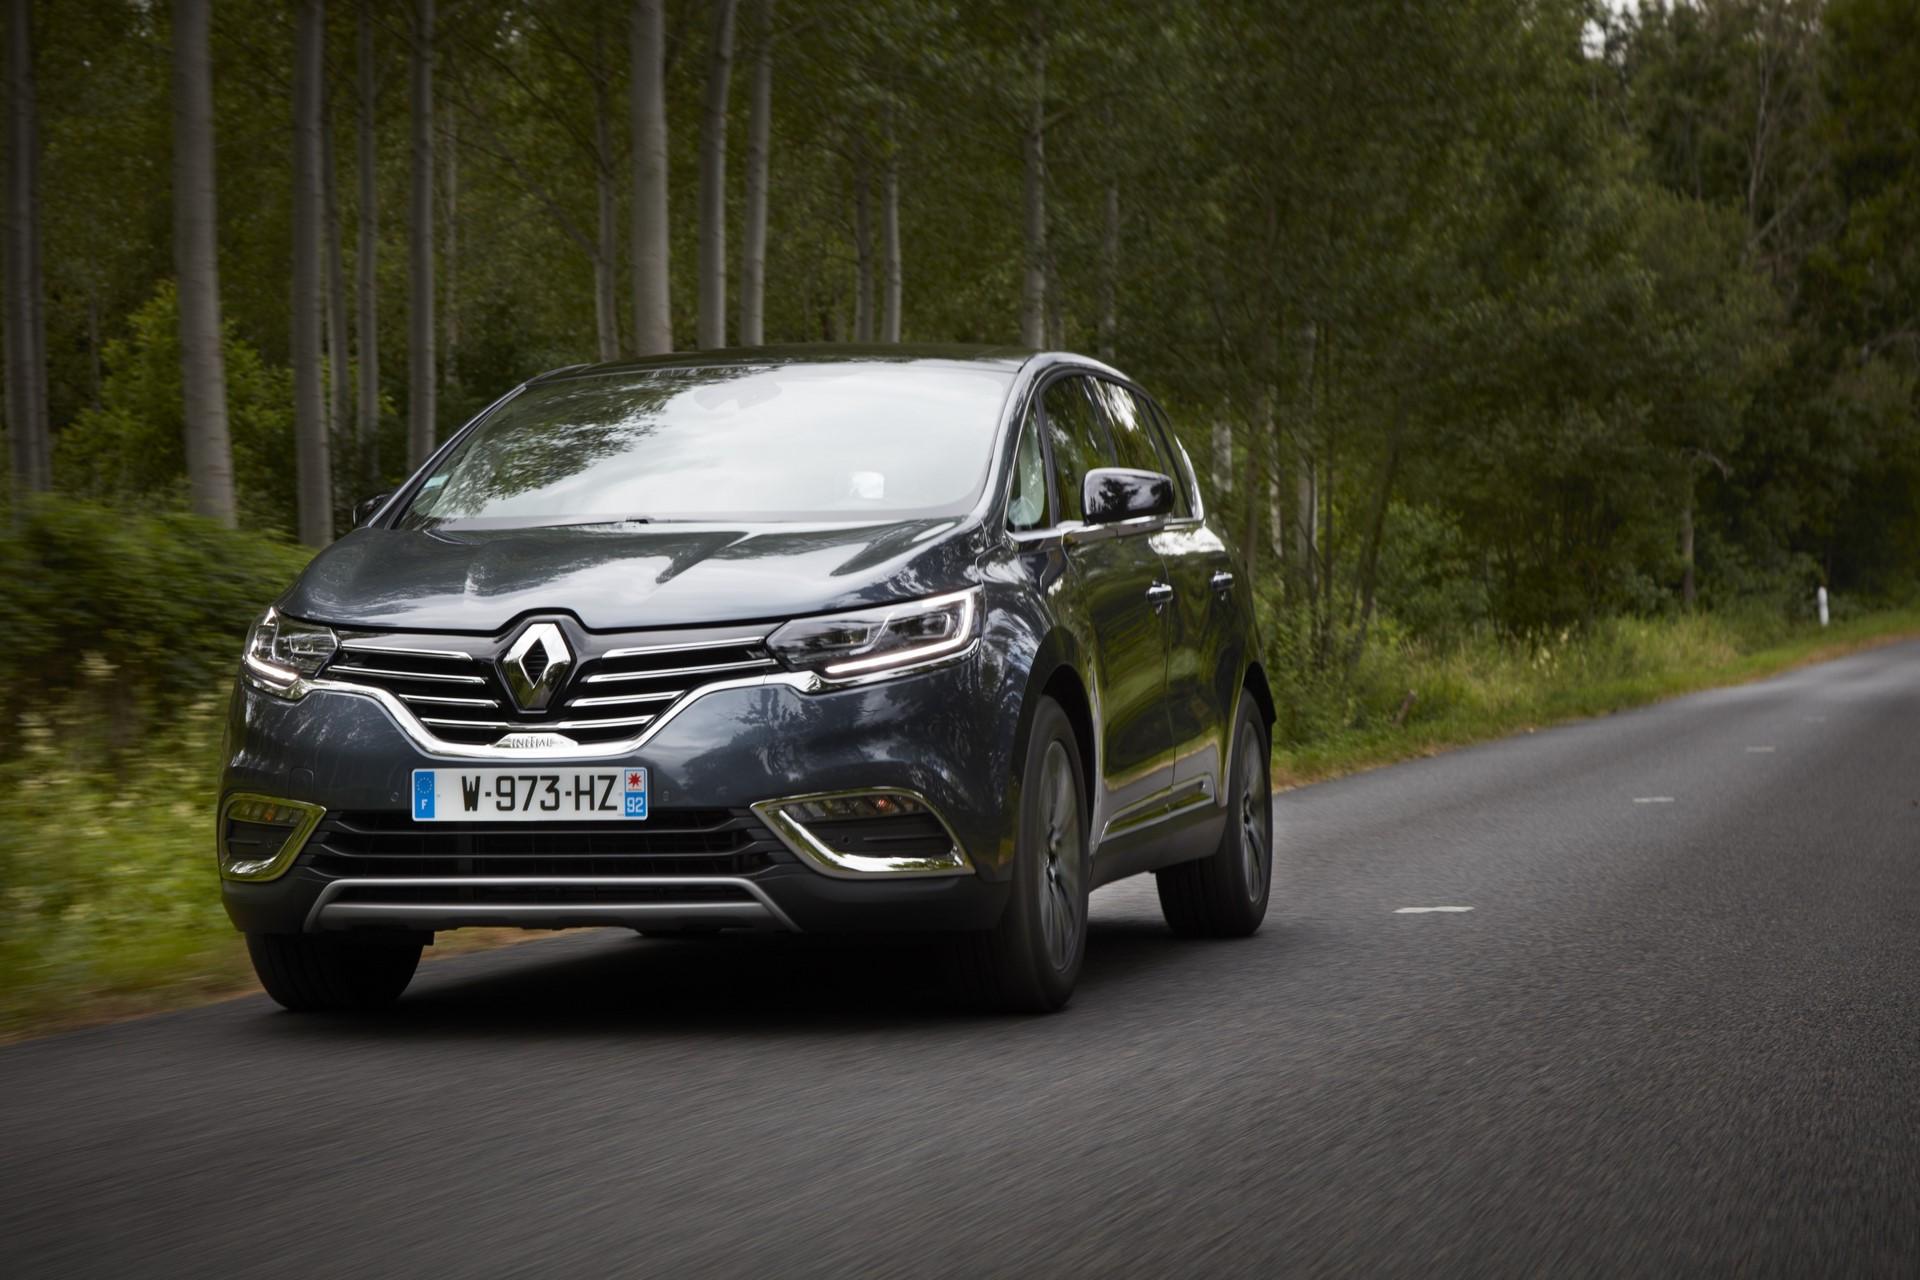 Renault_93205_global_en